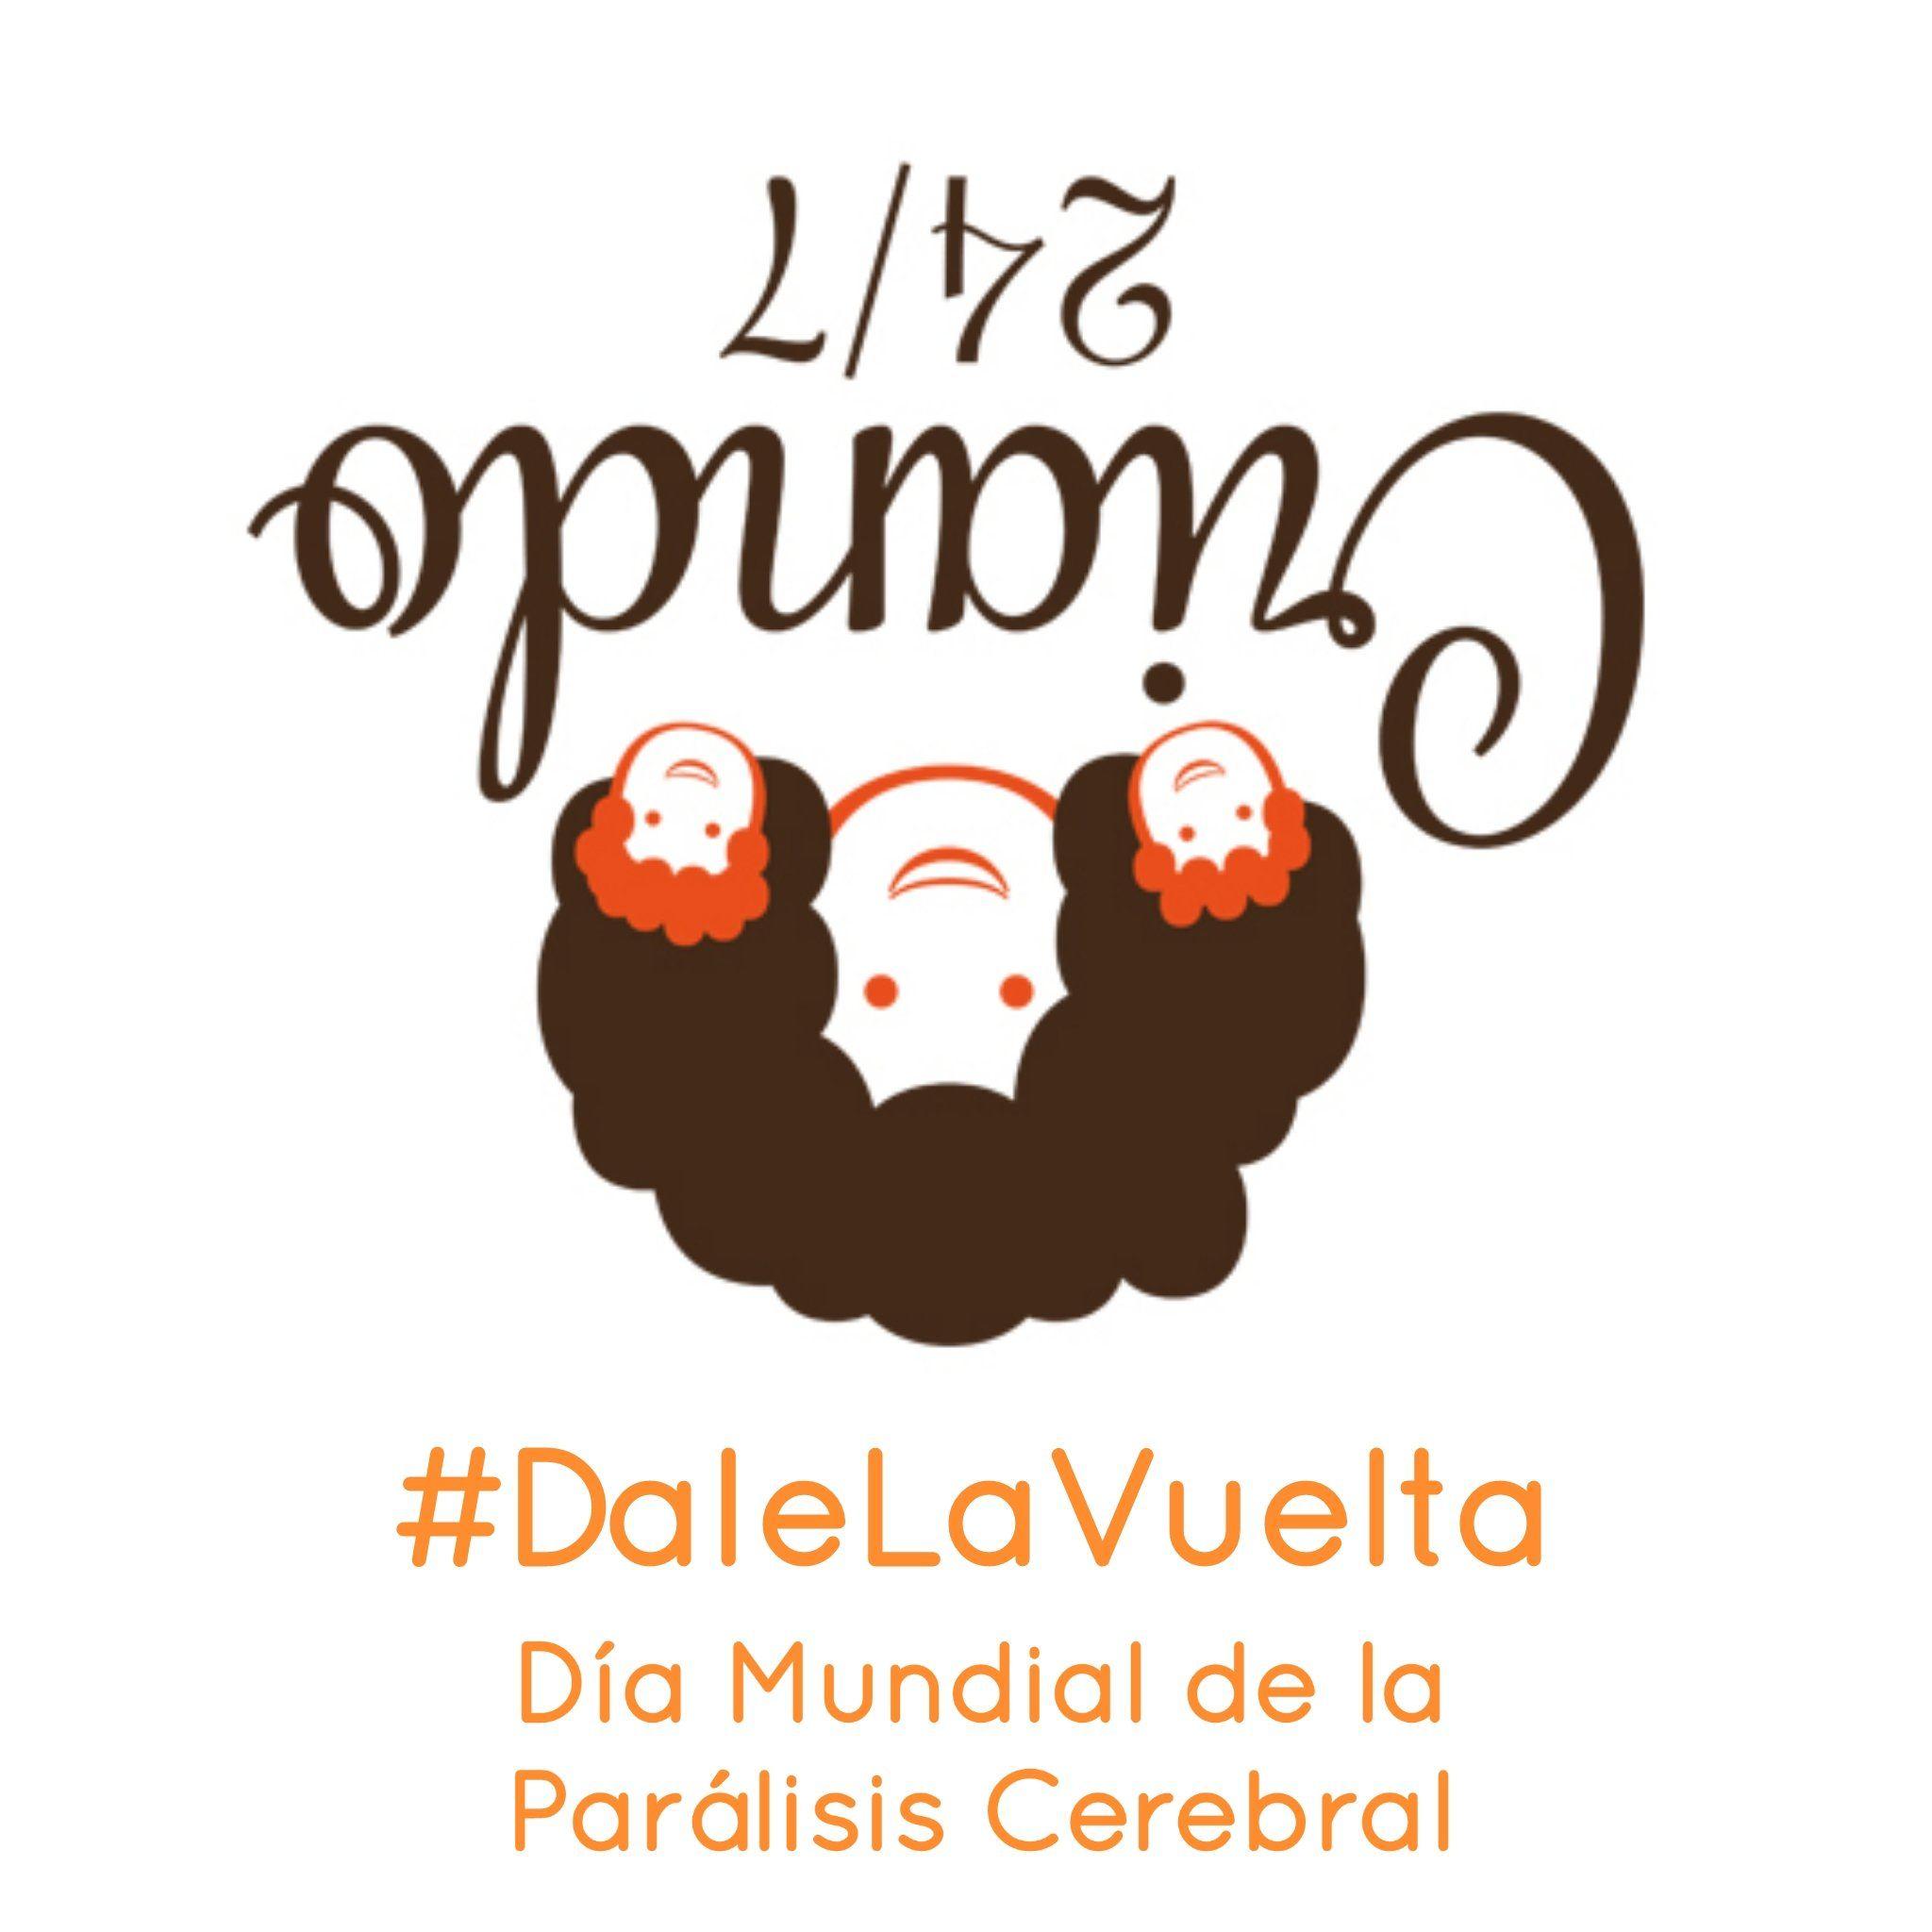 logo de Criando 24/7 girado con el hashtag #DaleLaVuelta Día mundial de la parálisis cerebral